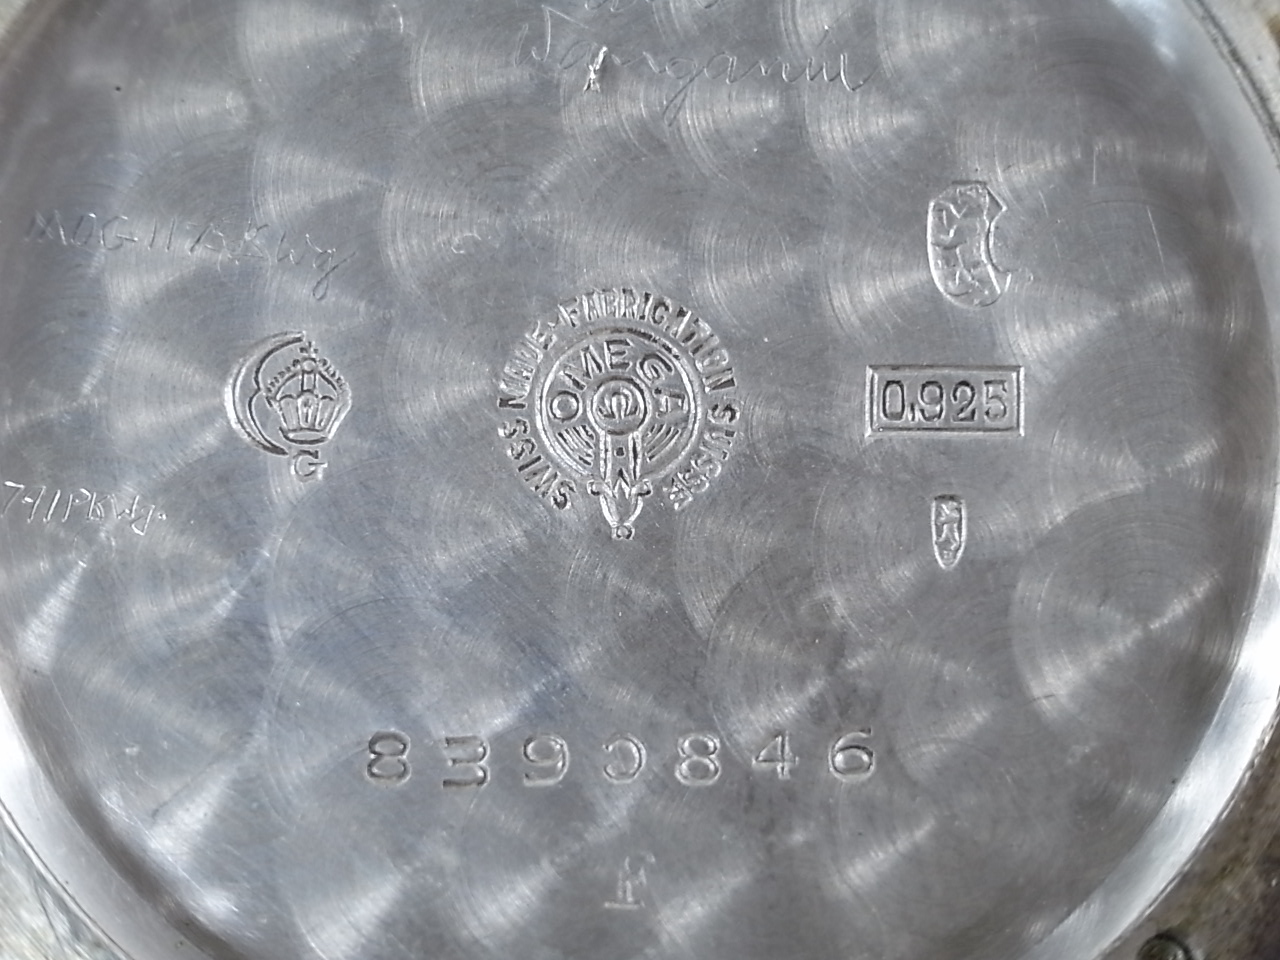 オメガ シルバー クッションケース ポーセリンダイアル Cal.26.5 SOBの写真6枚目